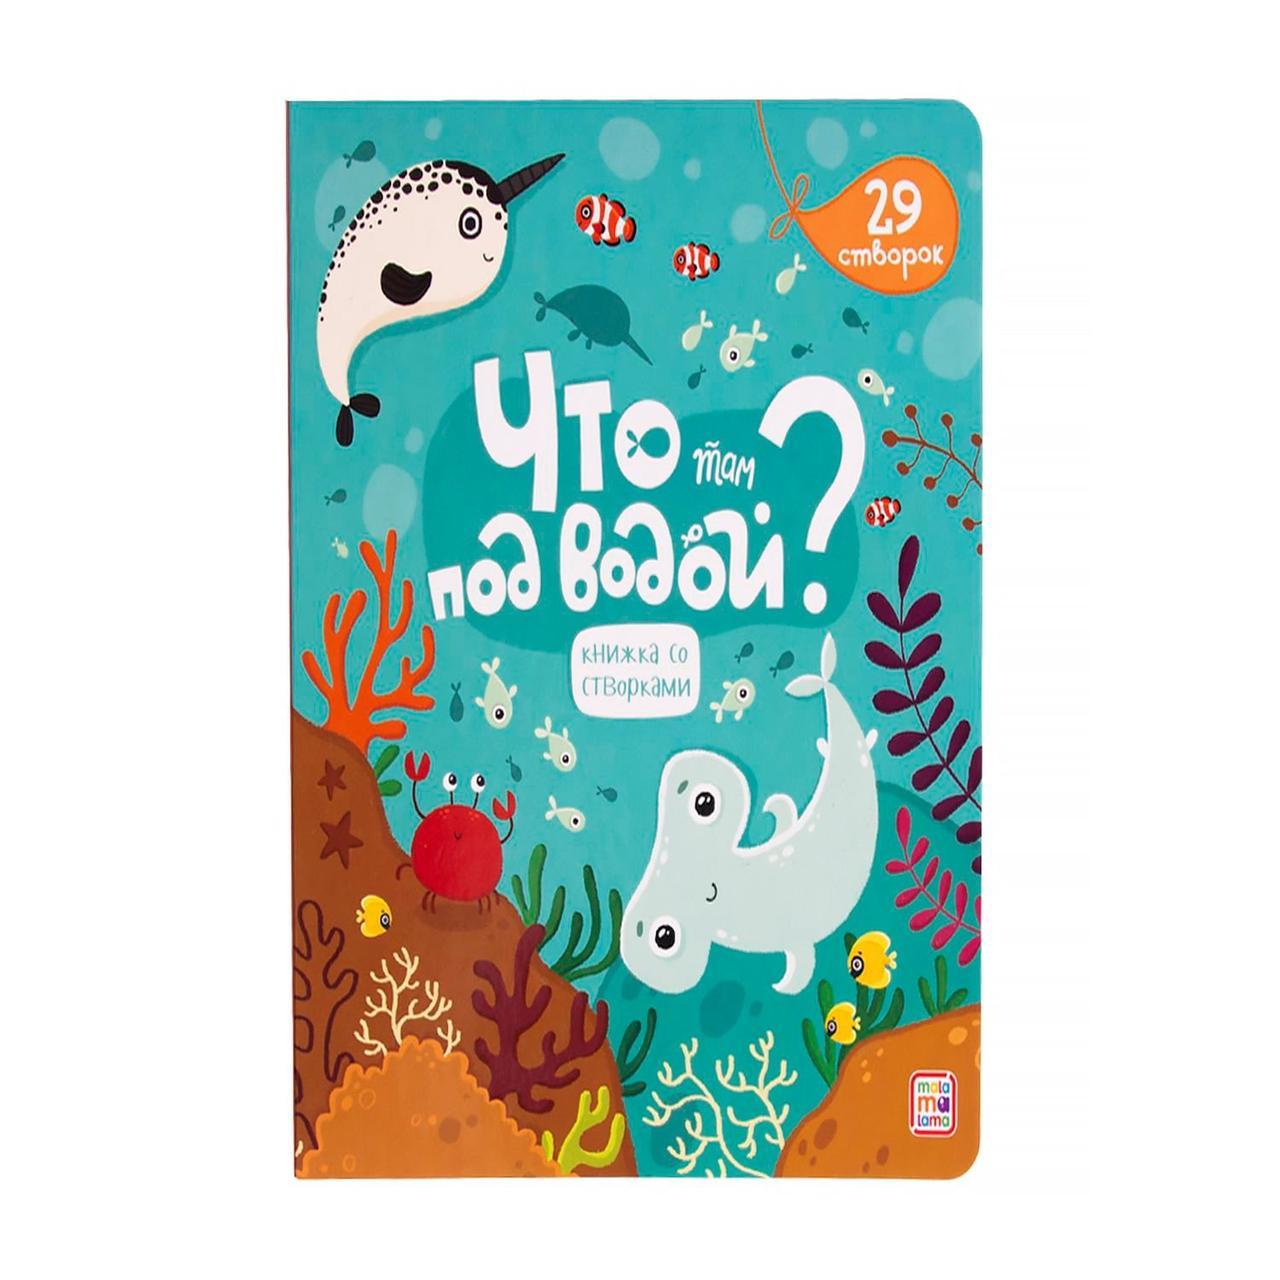 Книжка со створками. Что там под водой?